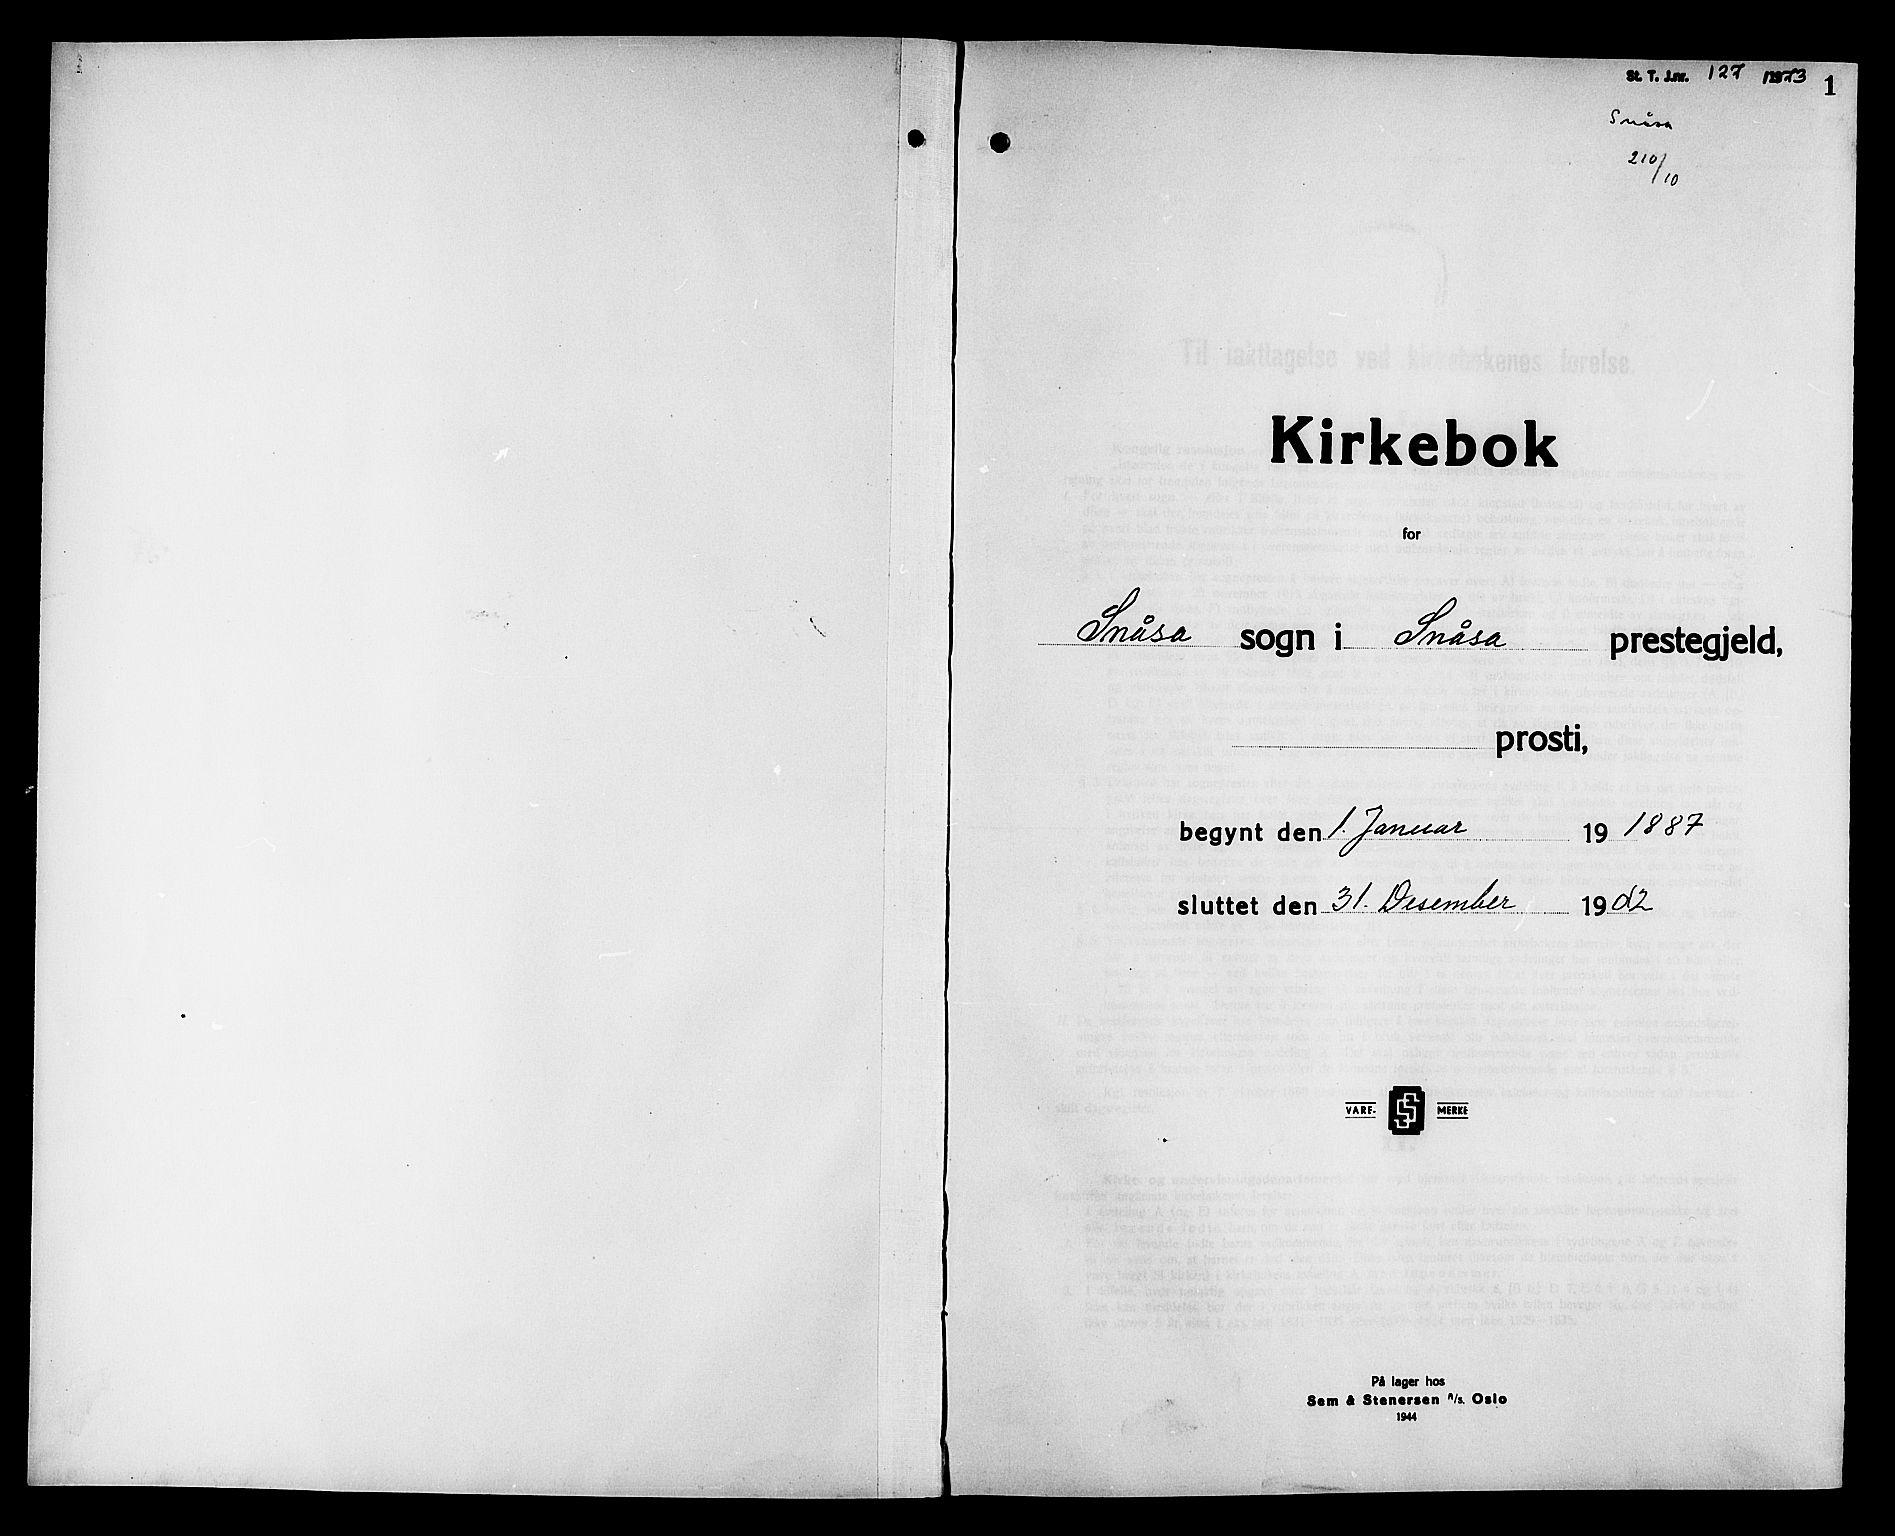 SAT, Ministerialprotokoller, klokkerbøker og fødselsregistre - Nord-Trøndelag, 749/L0487: Ministerialbok nr. 749D03, 1887-1902, s. 1